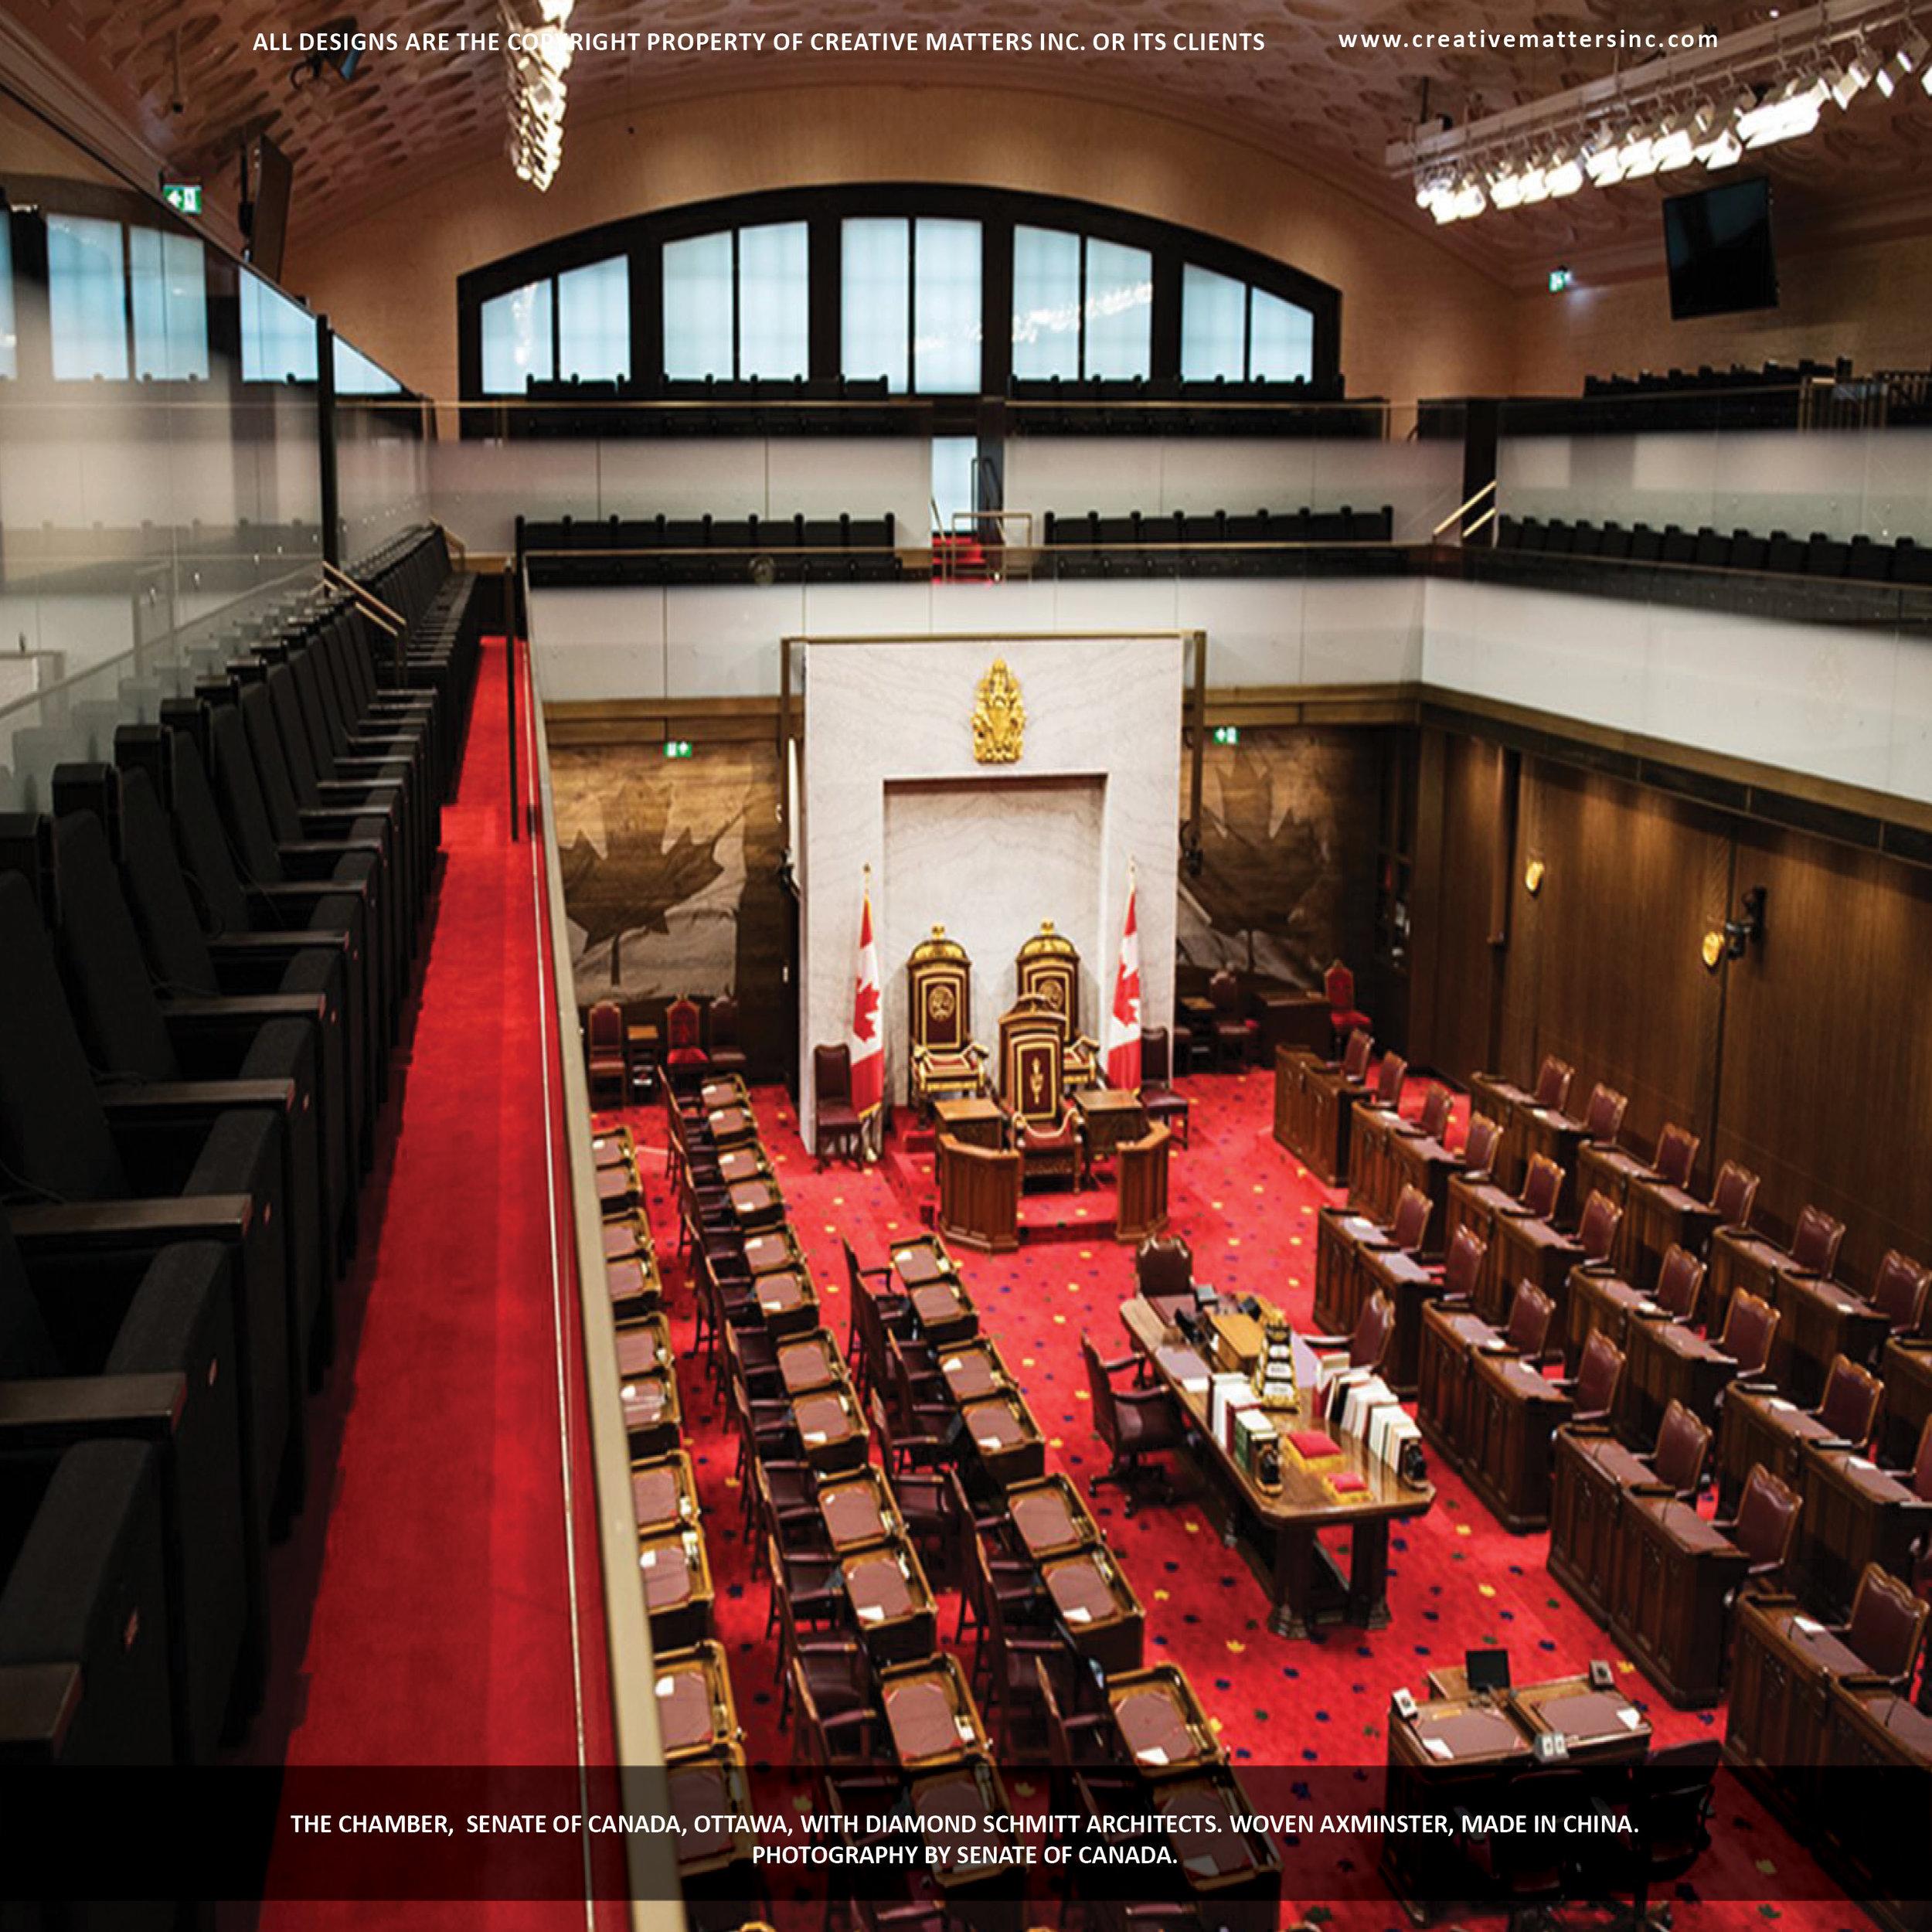 Senate_Chamber_2.jpg